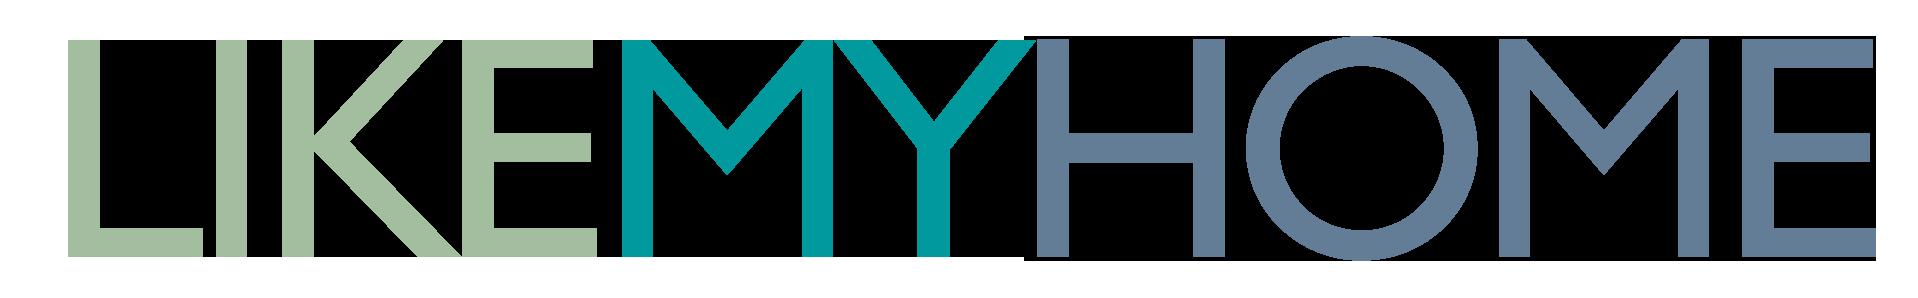 Топ-30 самых заказываемых позиций от интернет-магазина likemyhome.ru в сети Где Слон?